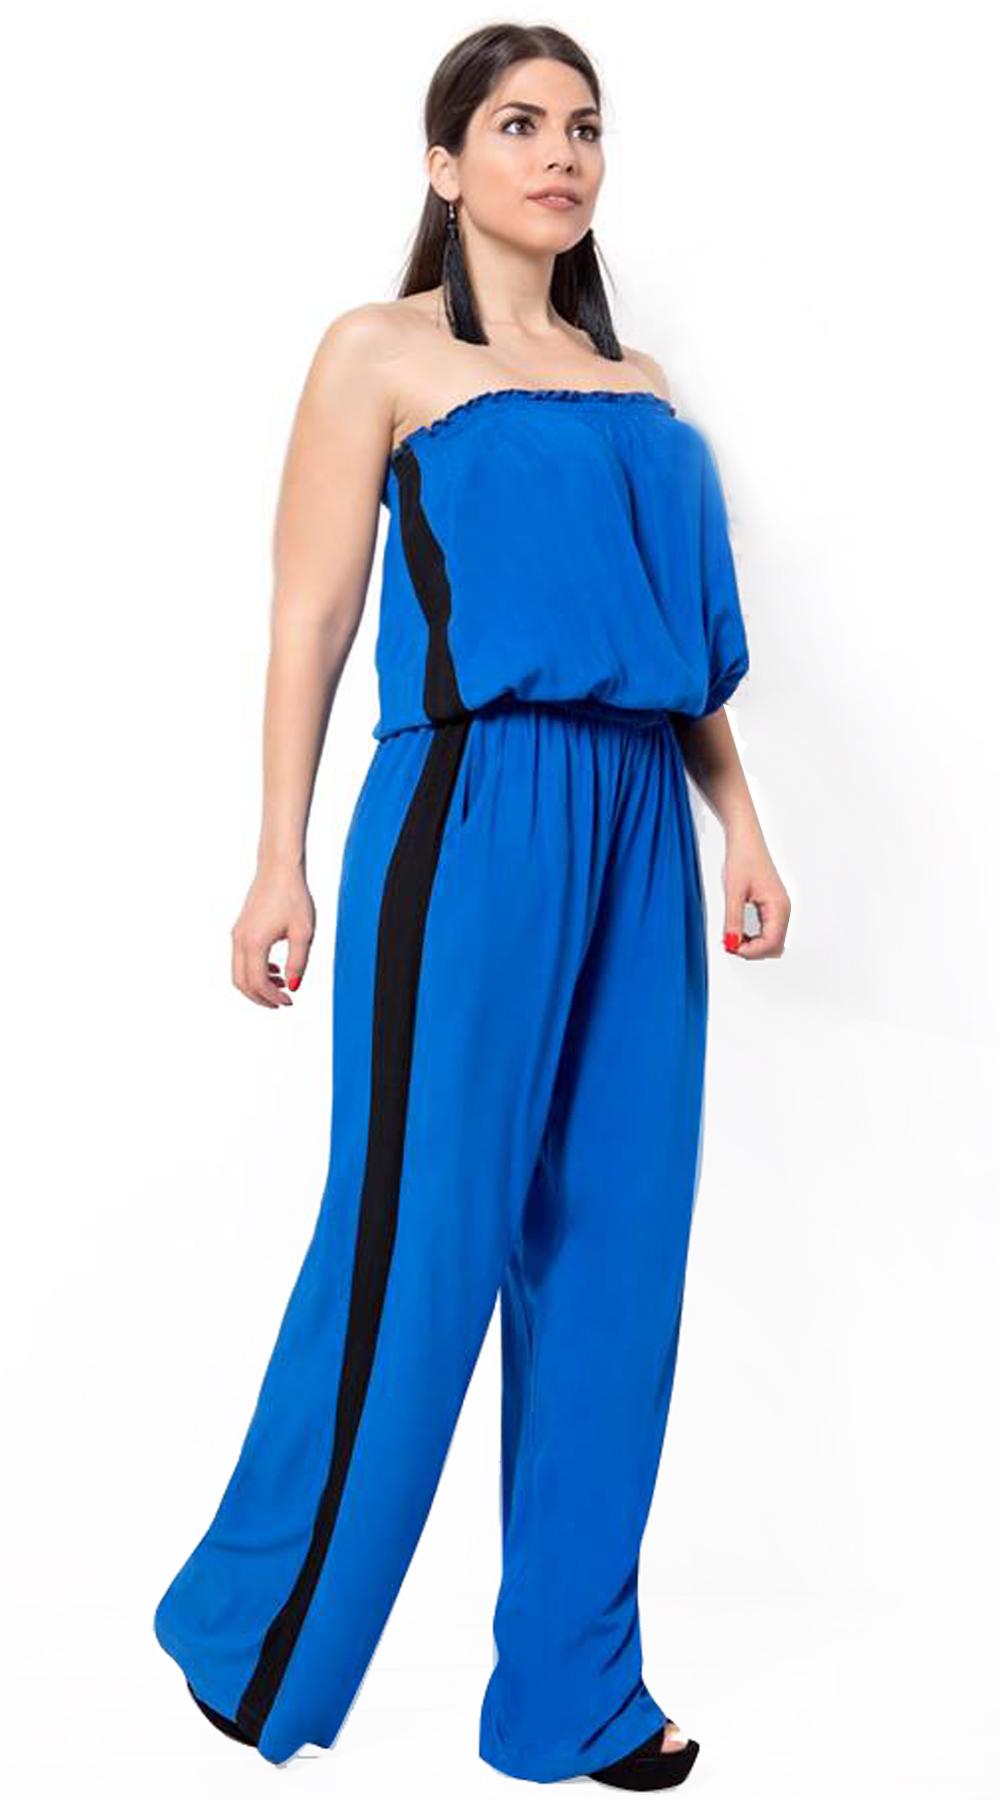 Στράπλες ολόσωμη φόρμα με αθλητική ρίγα στο πλάι - Greek Brands - S18CM-29009 top trends casual chic